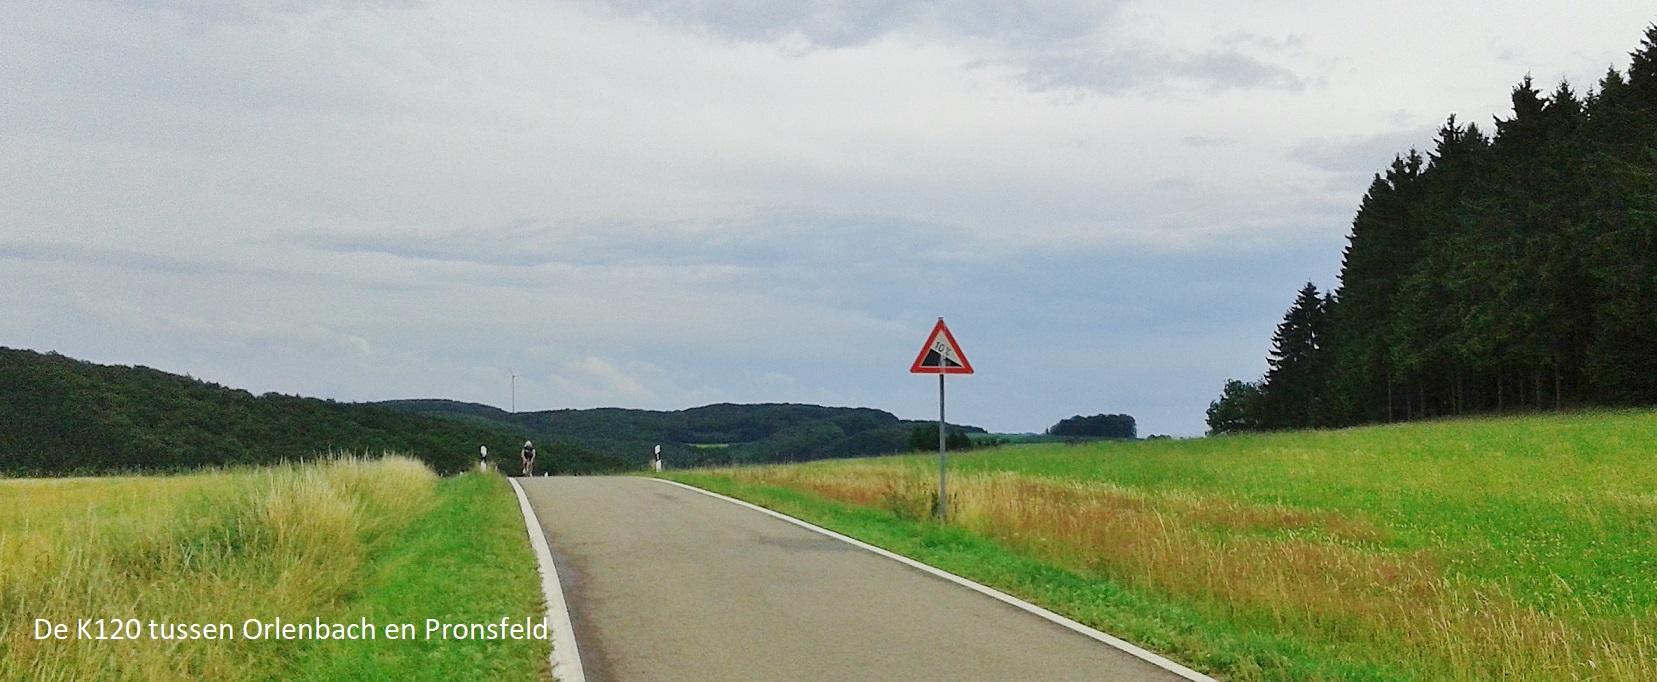 De K120 tussen Orlenbach en Pronsfeld